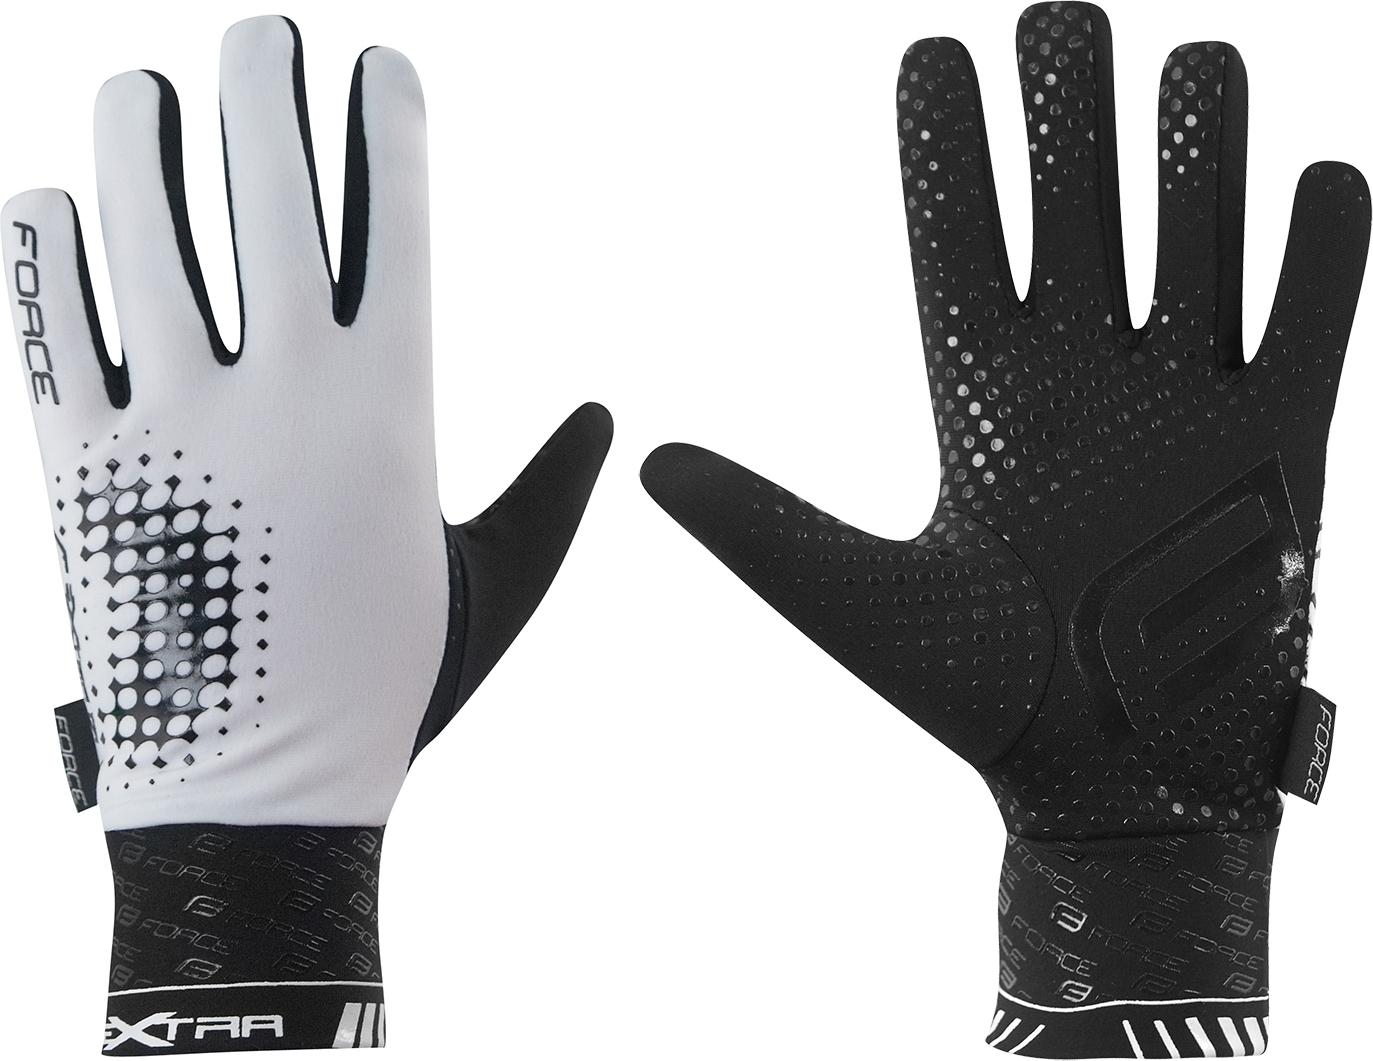 rukavice FORCE EXTRA, jaro-podzim, bílo-černé Velikost: M